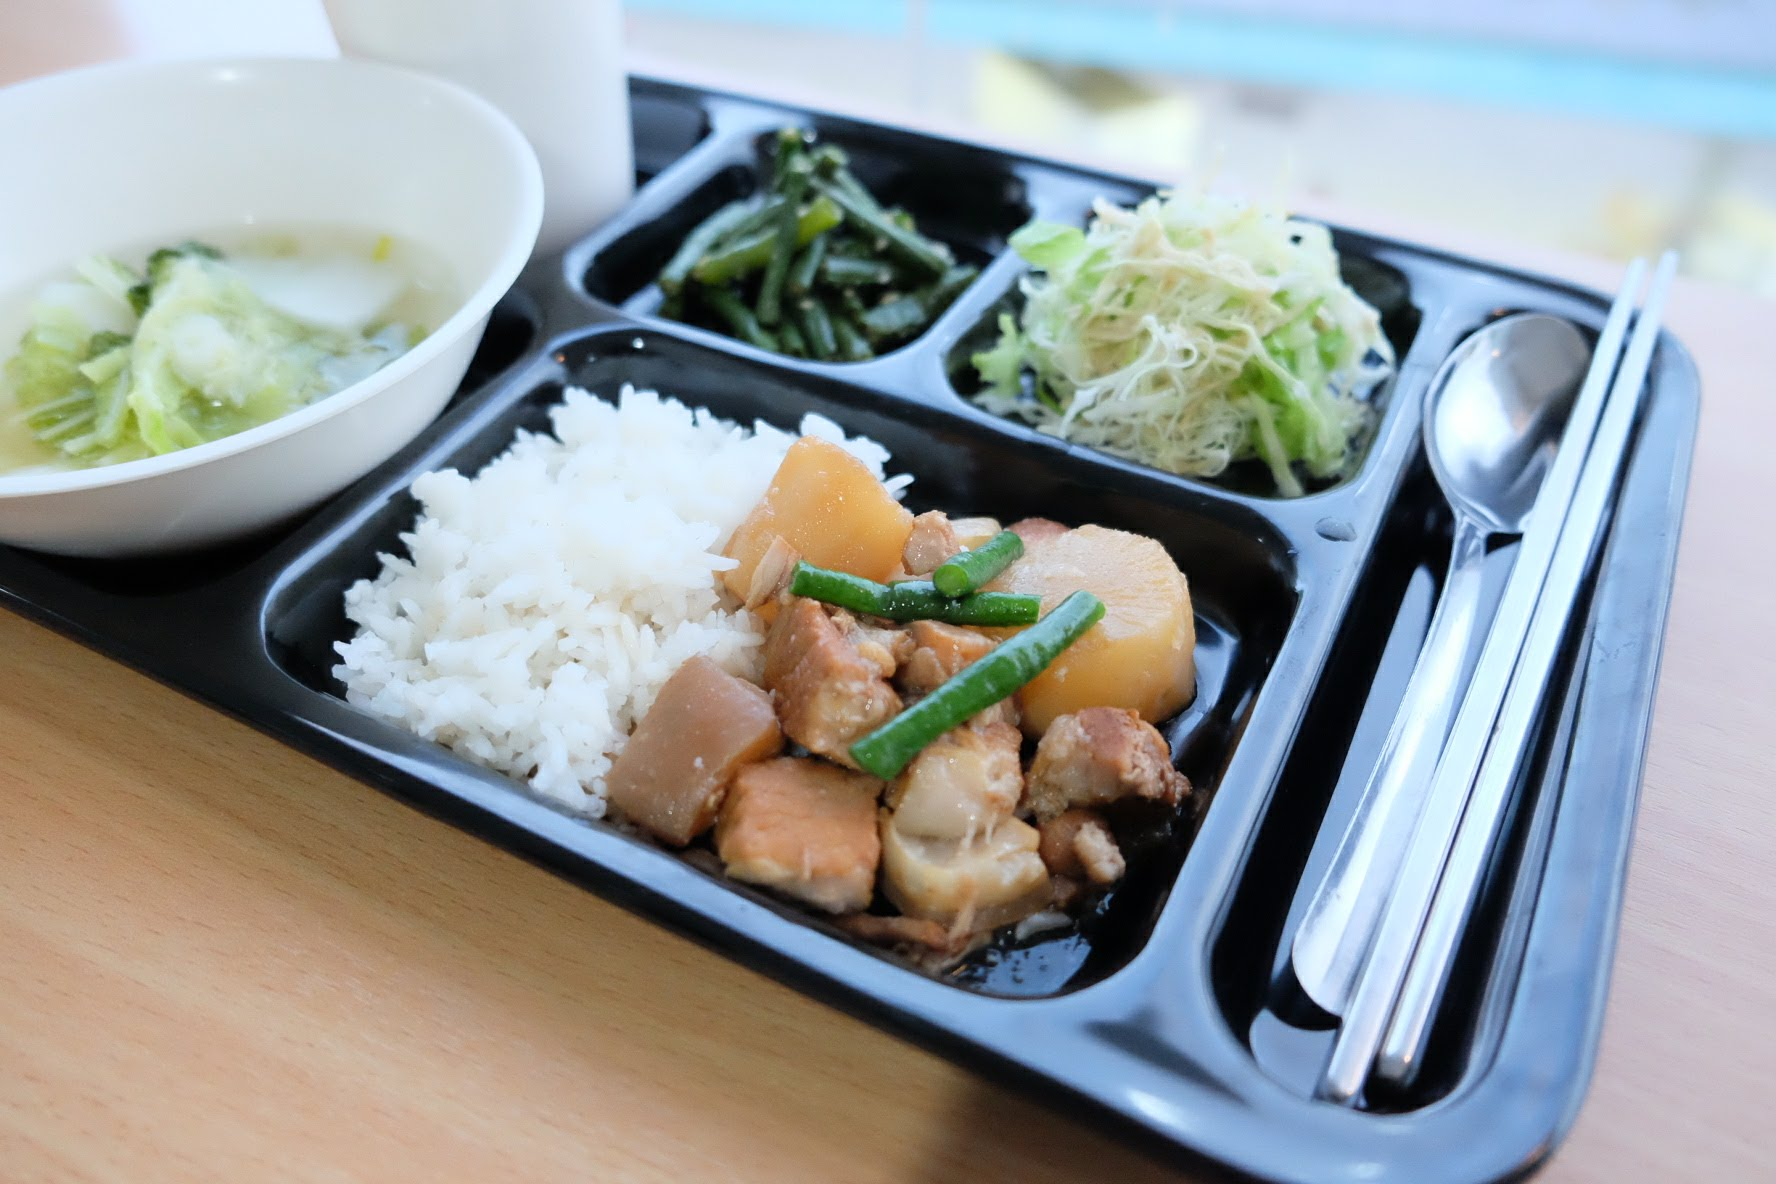 School meal15